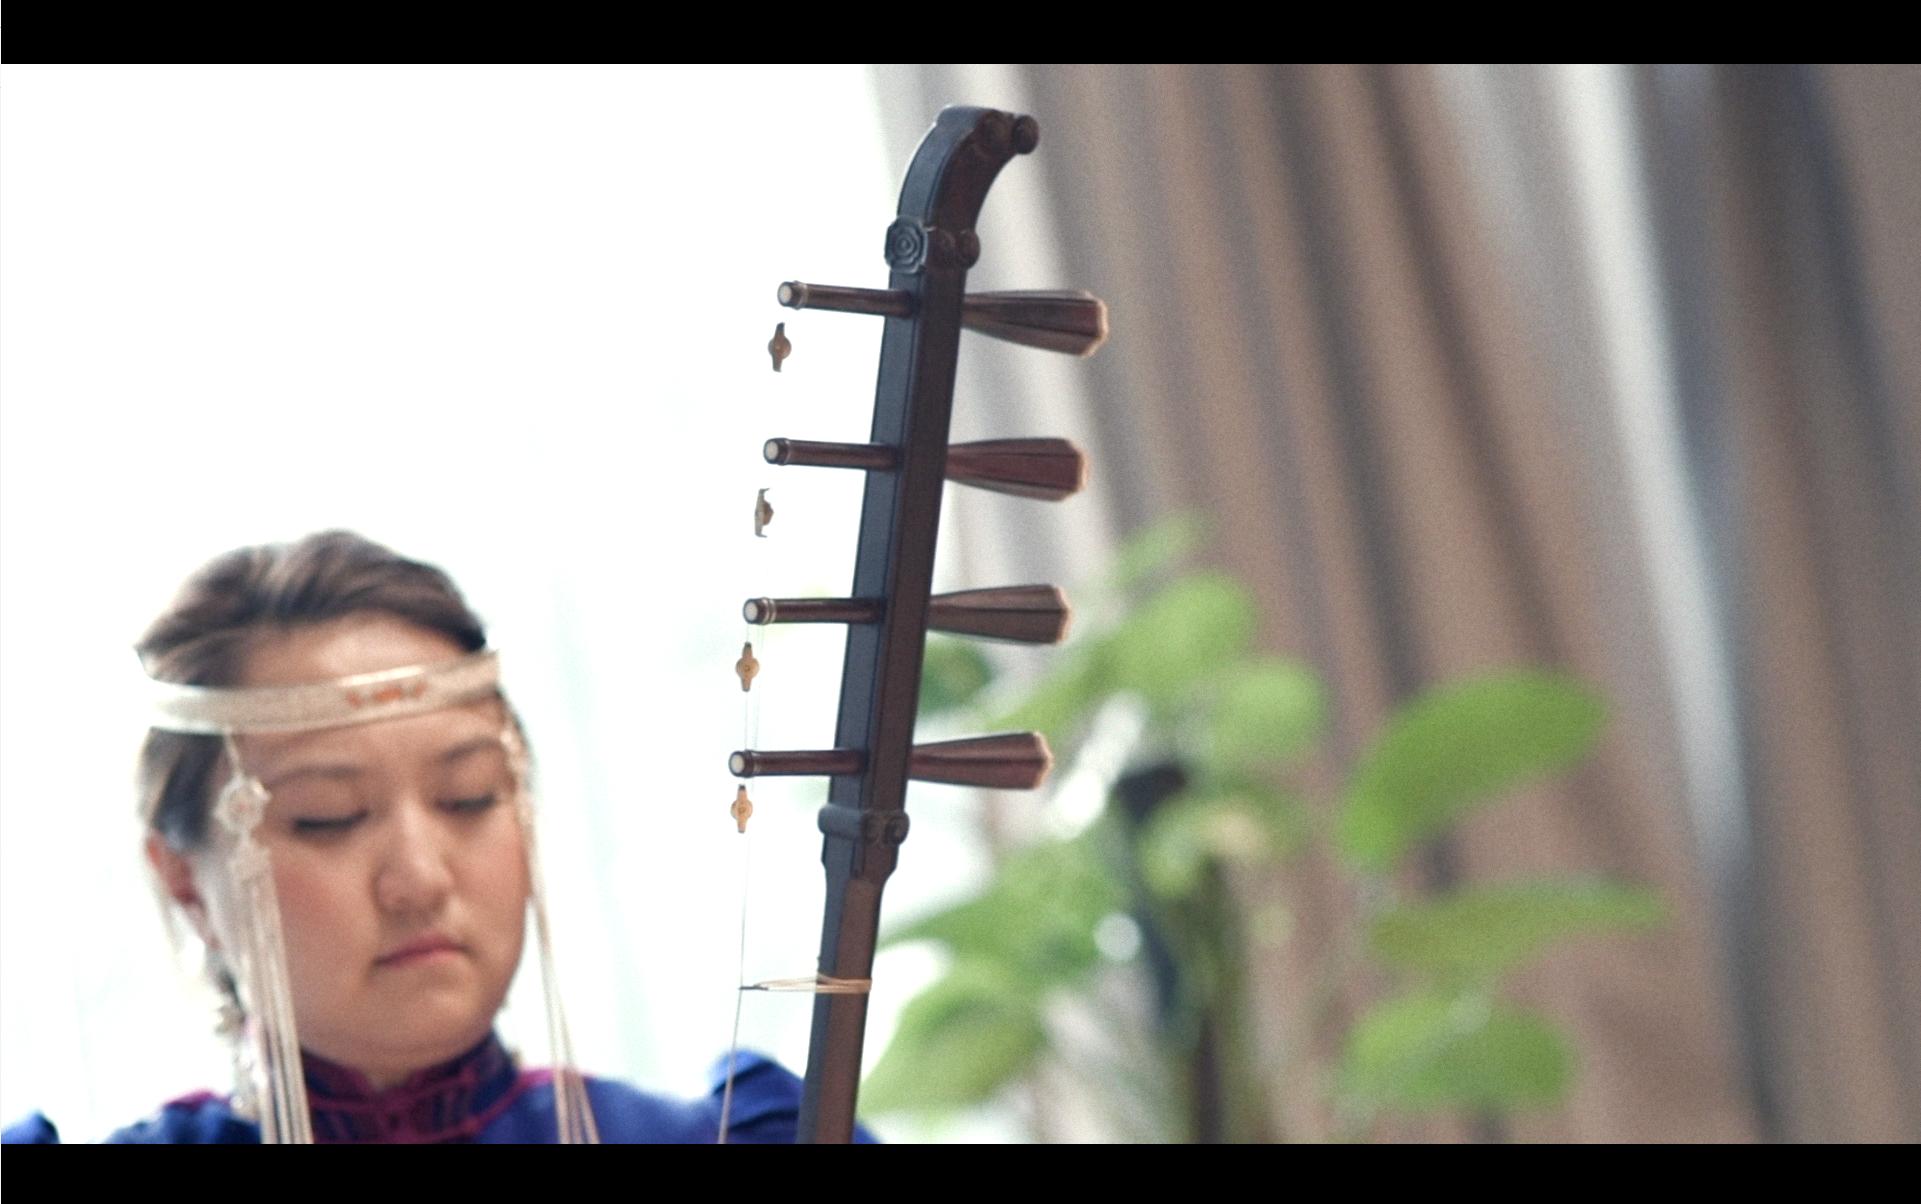 2016.06.11 - Beijing - Suya - [1] Uyunzandan - Video Screenshot_15.png